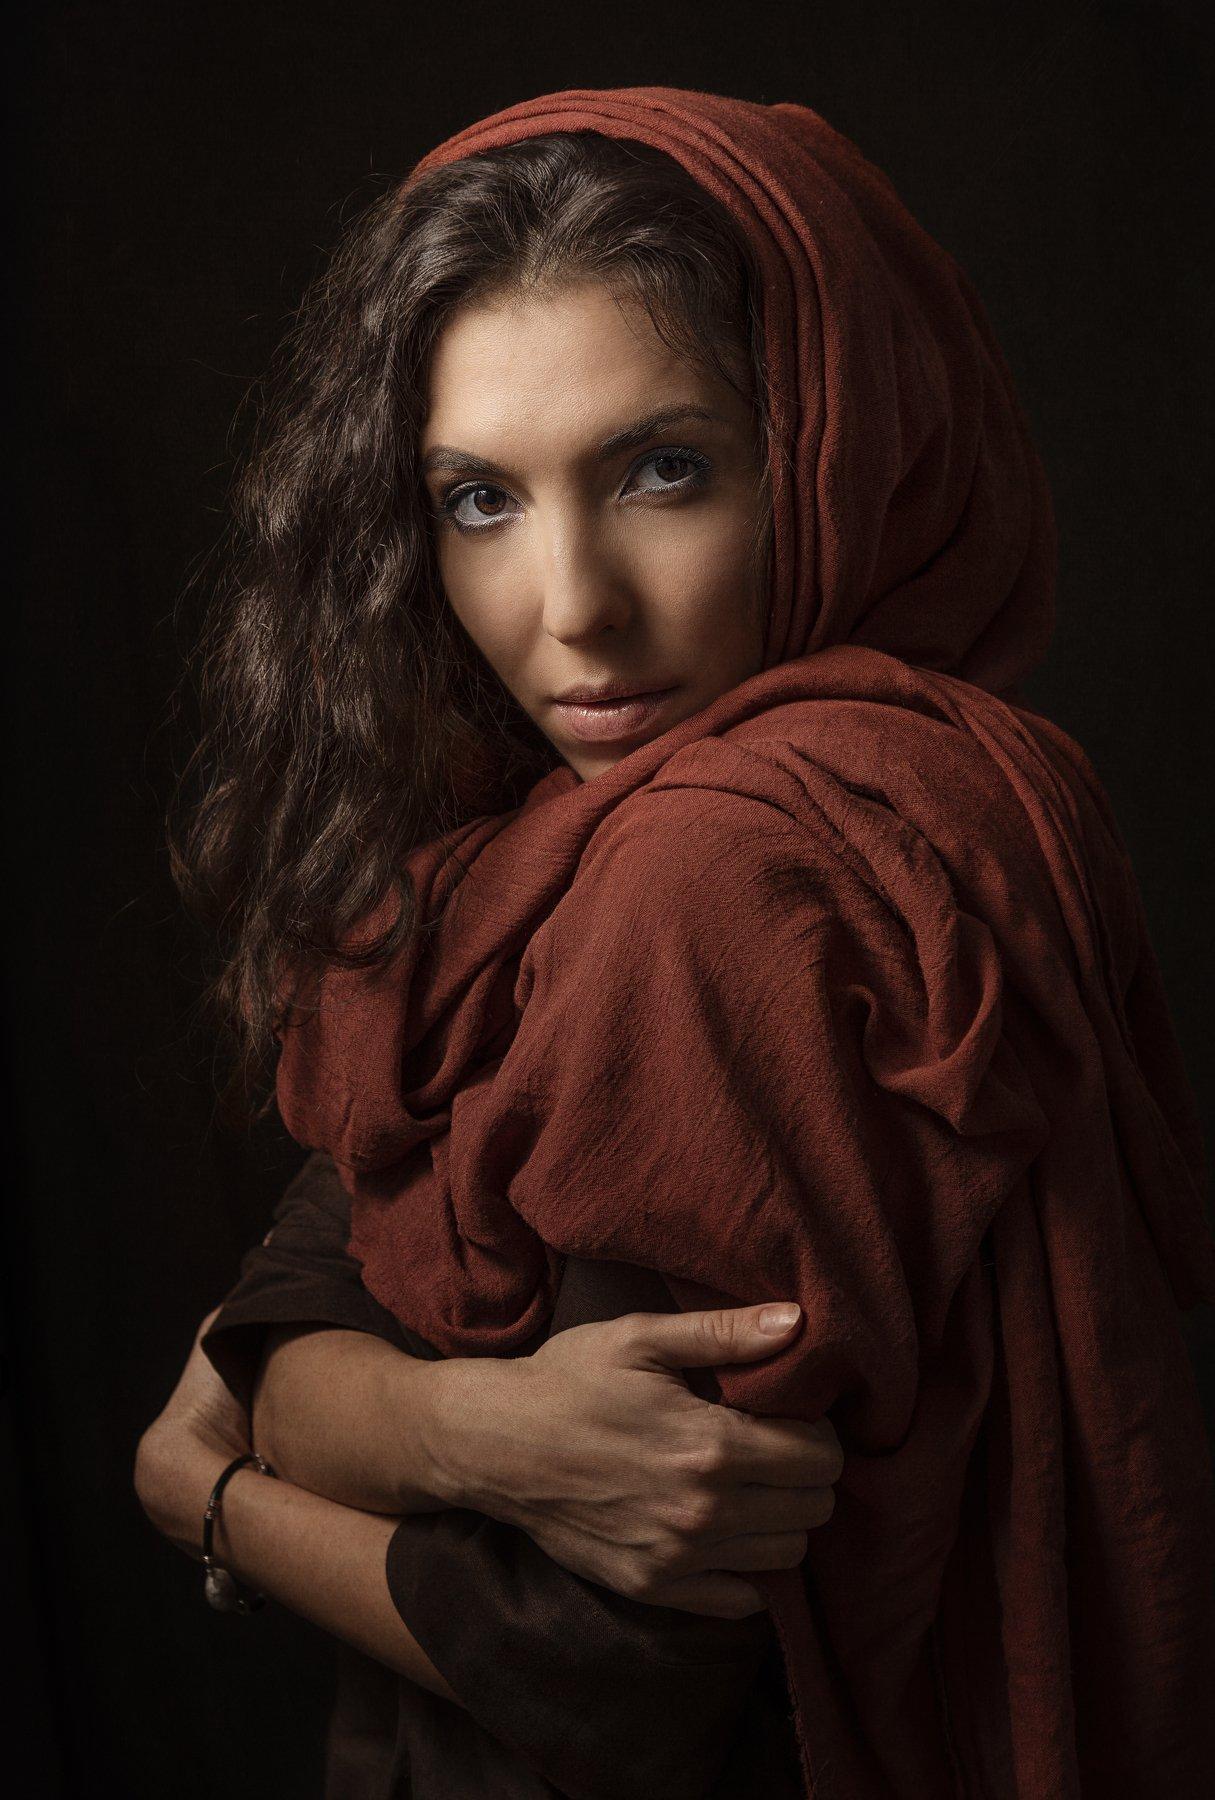 девушка красива взгляд низкий ключ шарф, Наталия Холодова